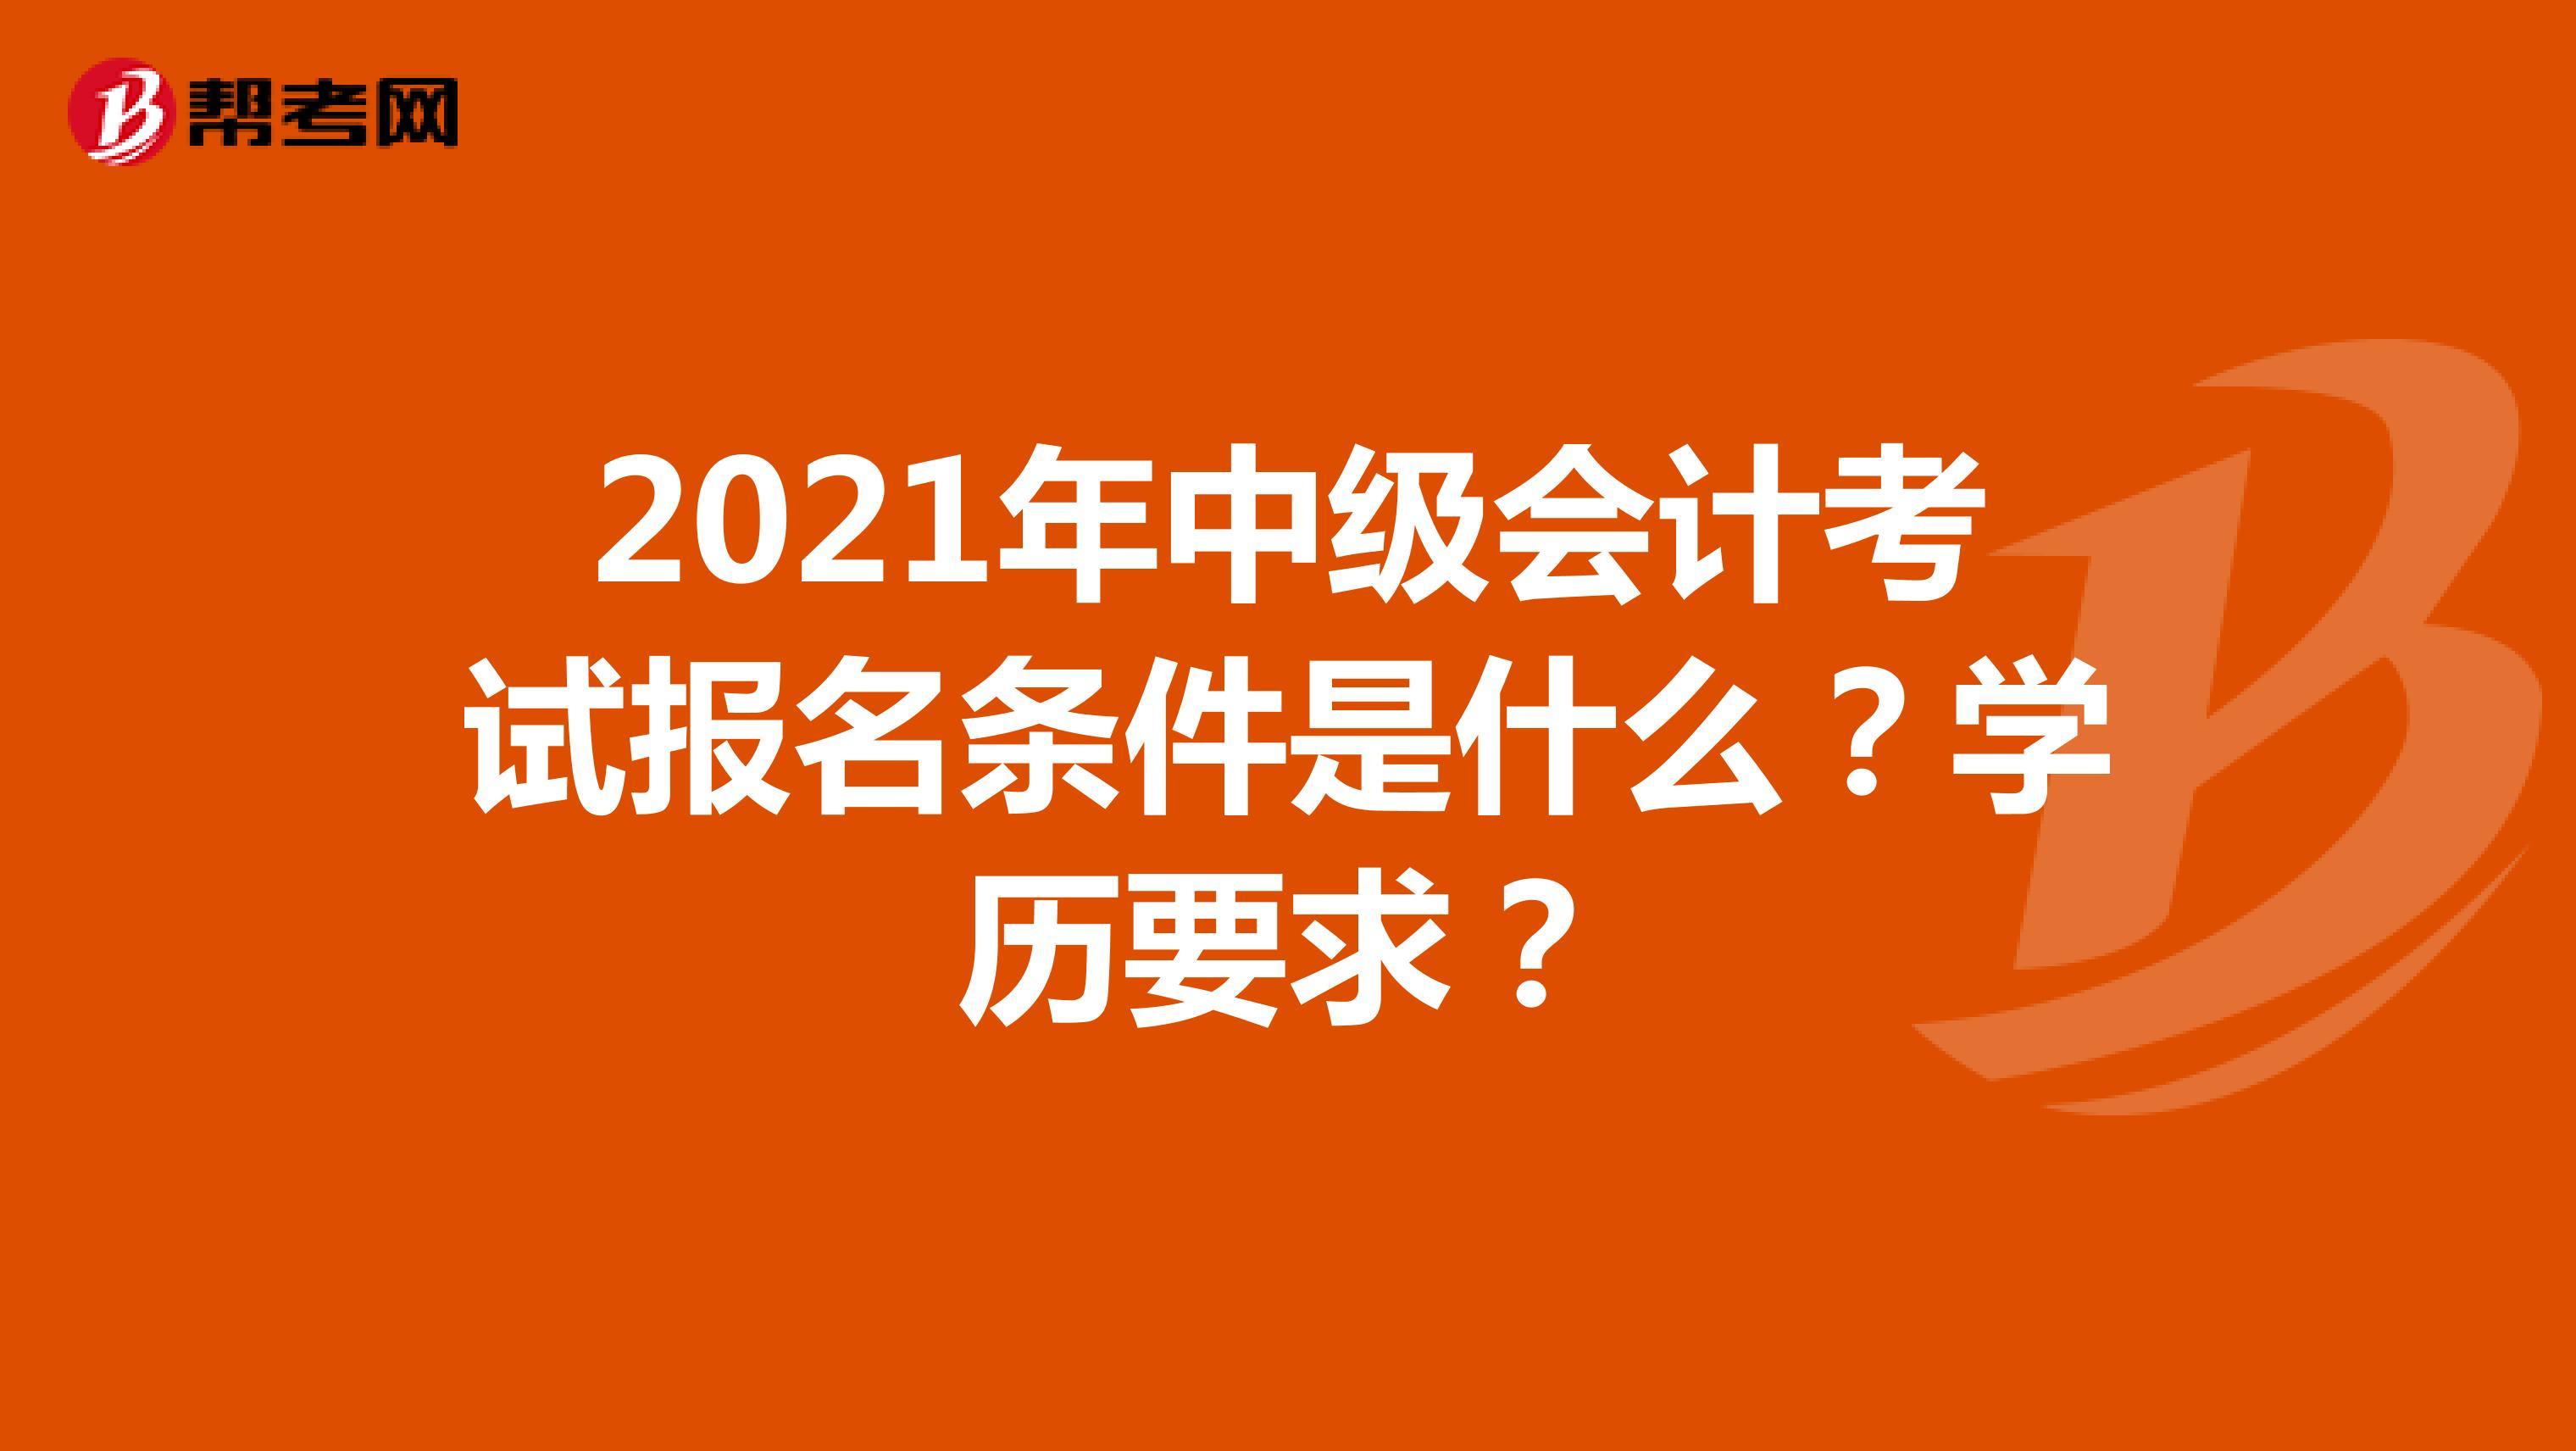 2021年中级会计考试报名条件是什么?学历要求?